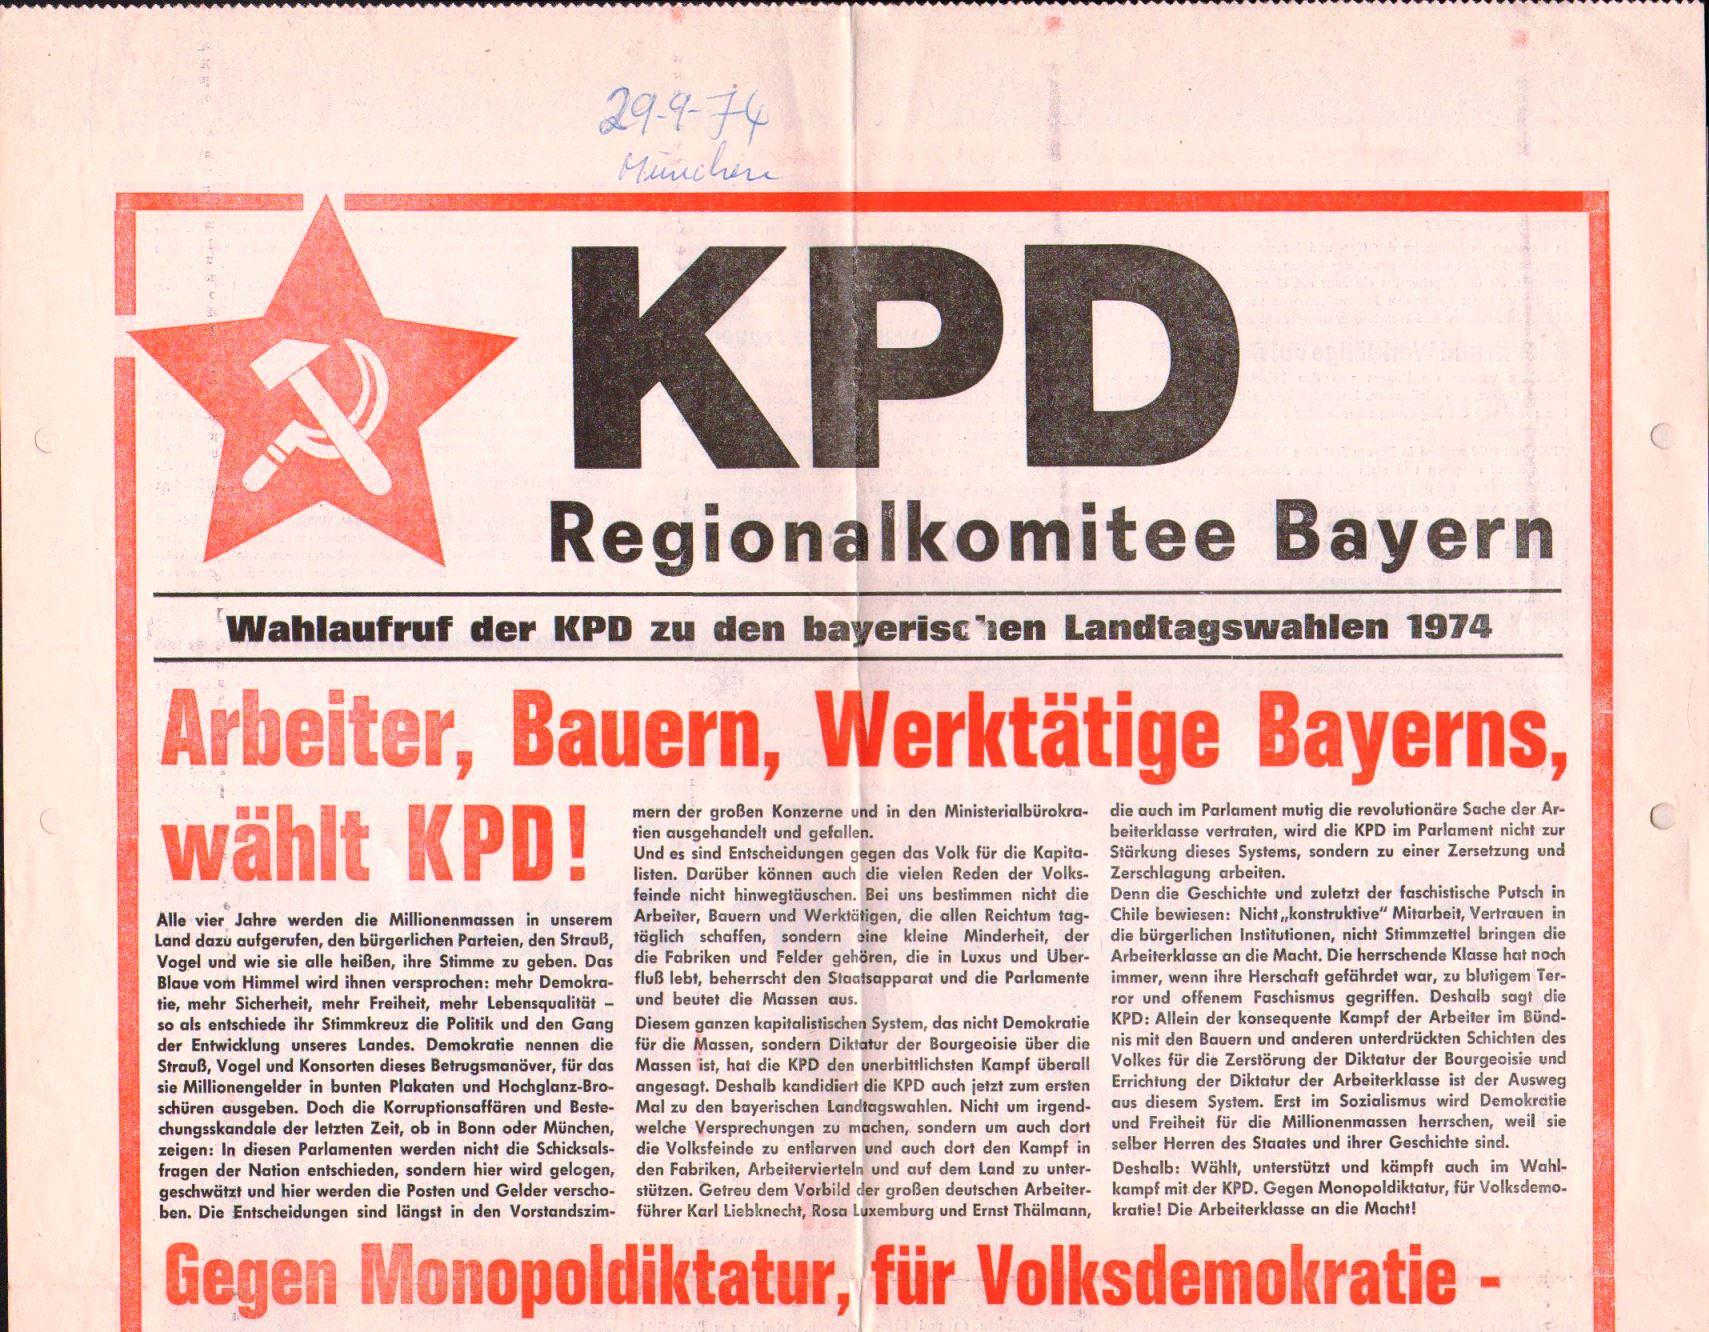 Bayern_KPDAO_1974_Wahlaufruf_01